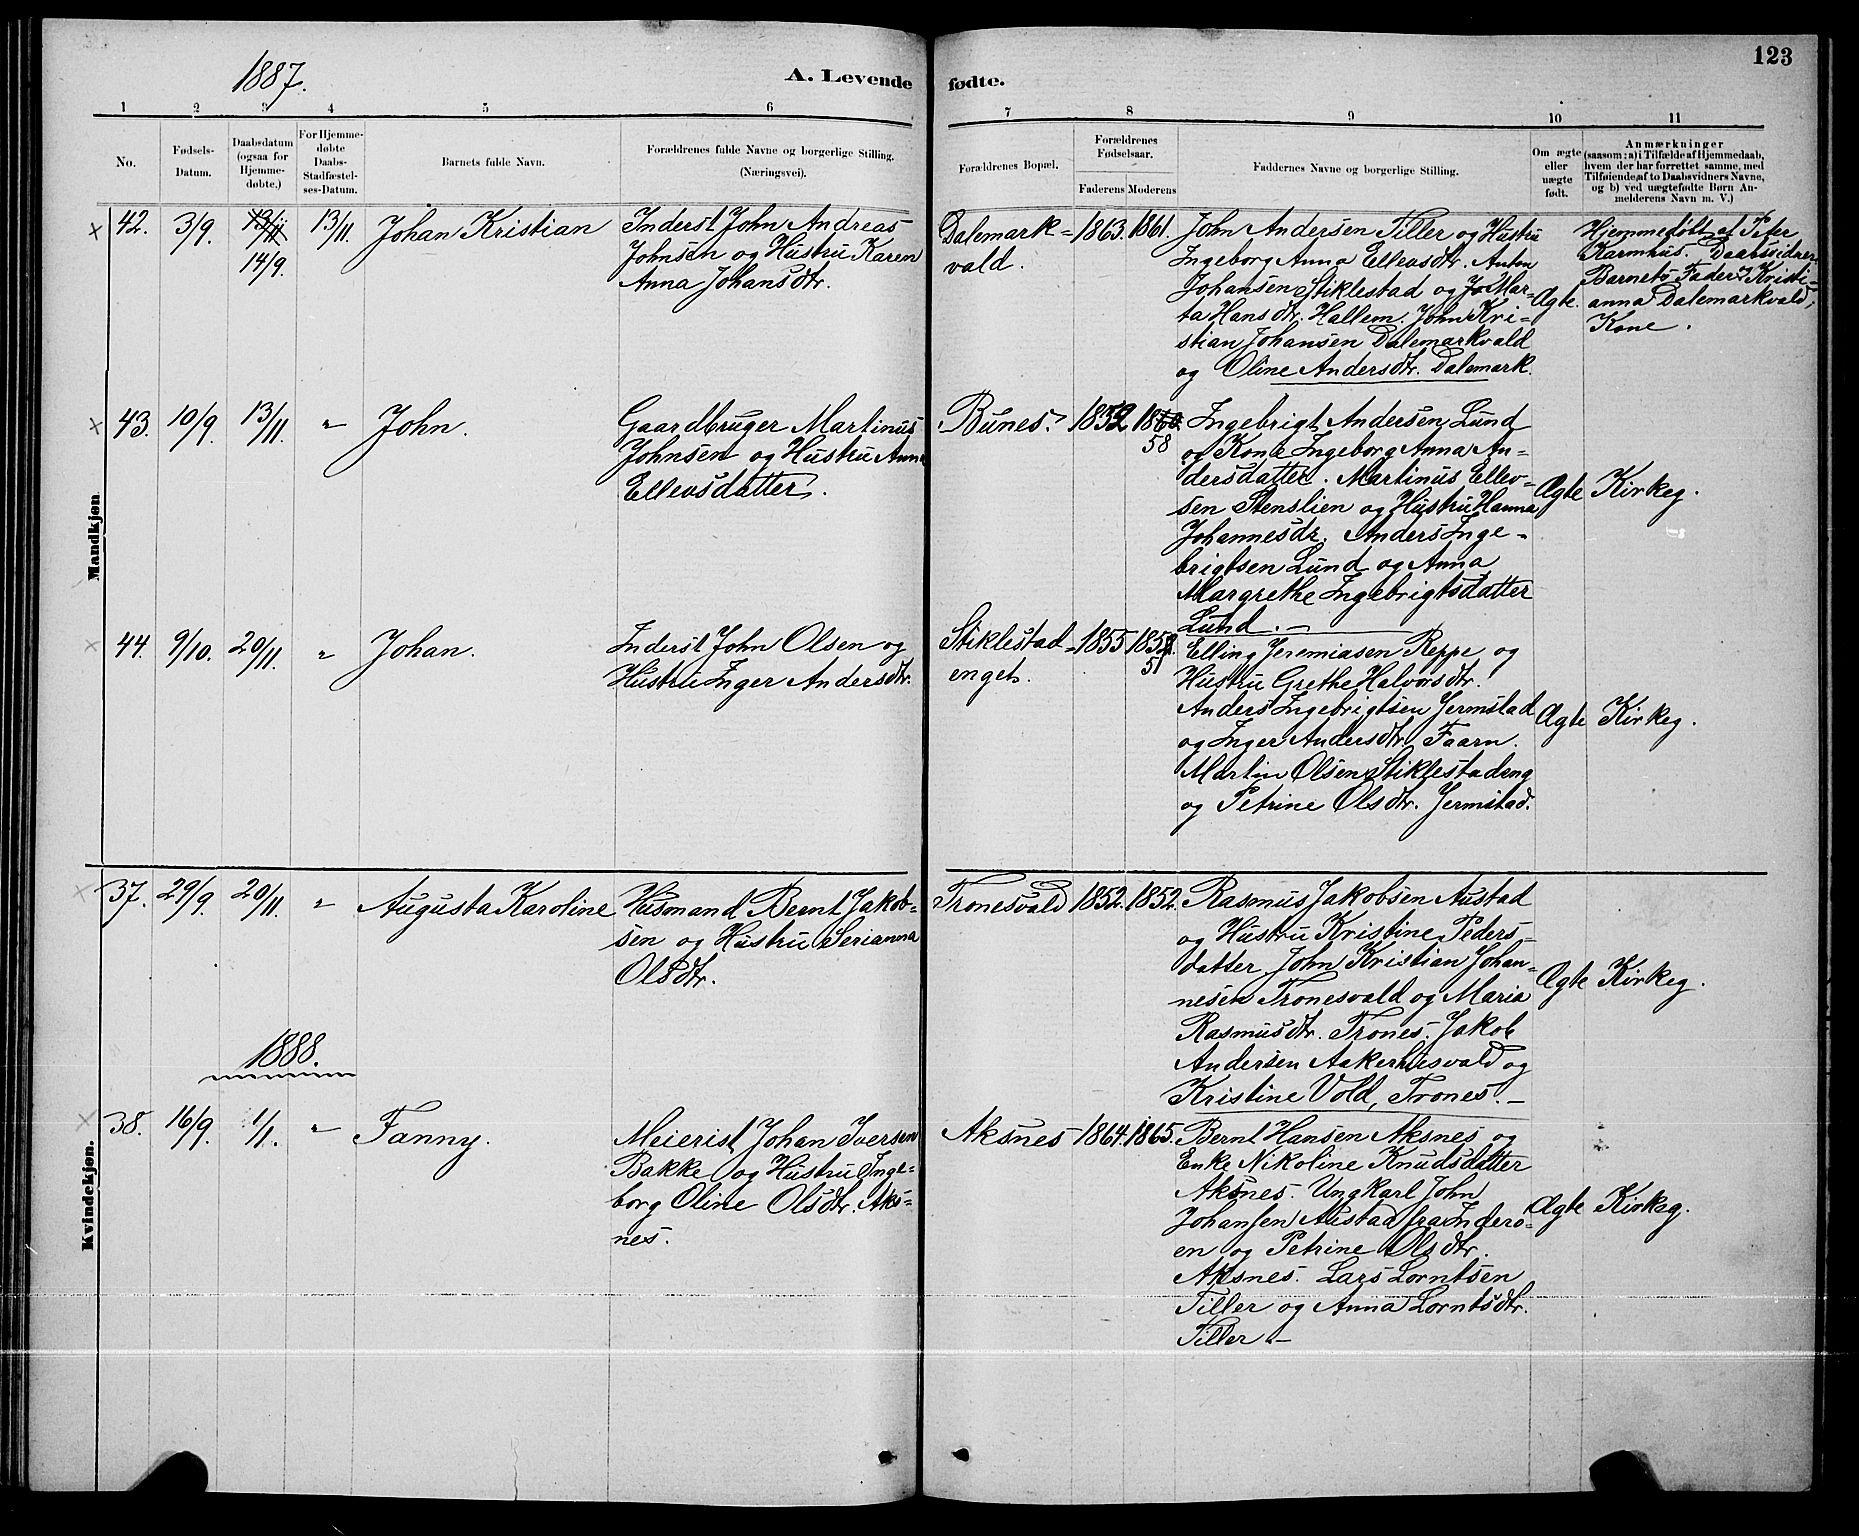 SAT, Ministerialprotokoller, klokkerbøker og fødselsregistre - Nord-Trøndelag, 723/L0256: Klokkerbok nr. 723C04, 1879-1890, s. 123